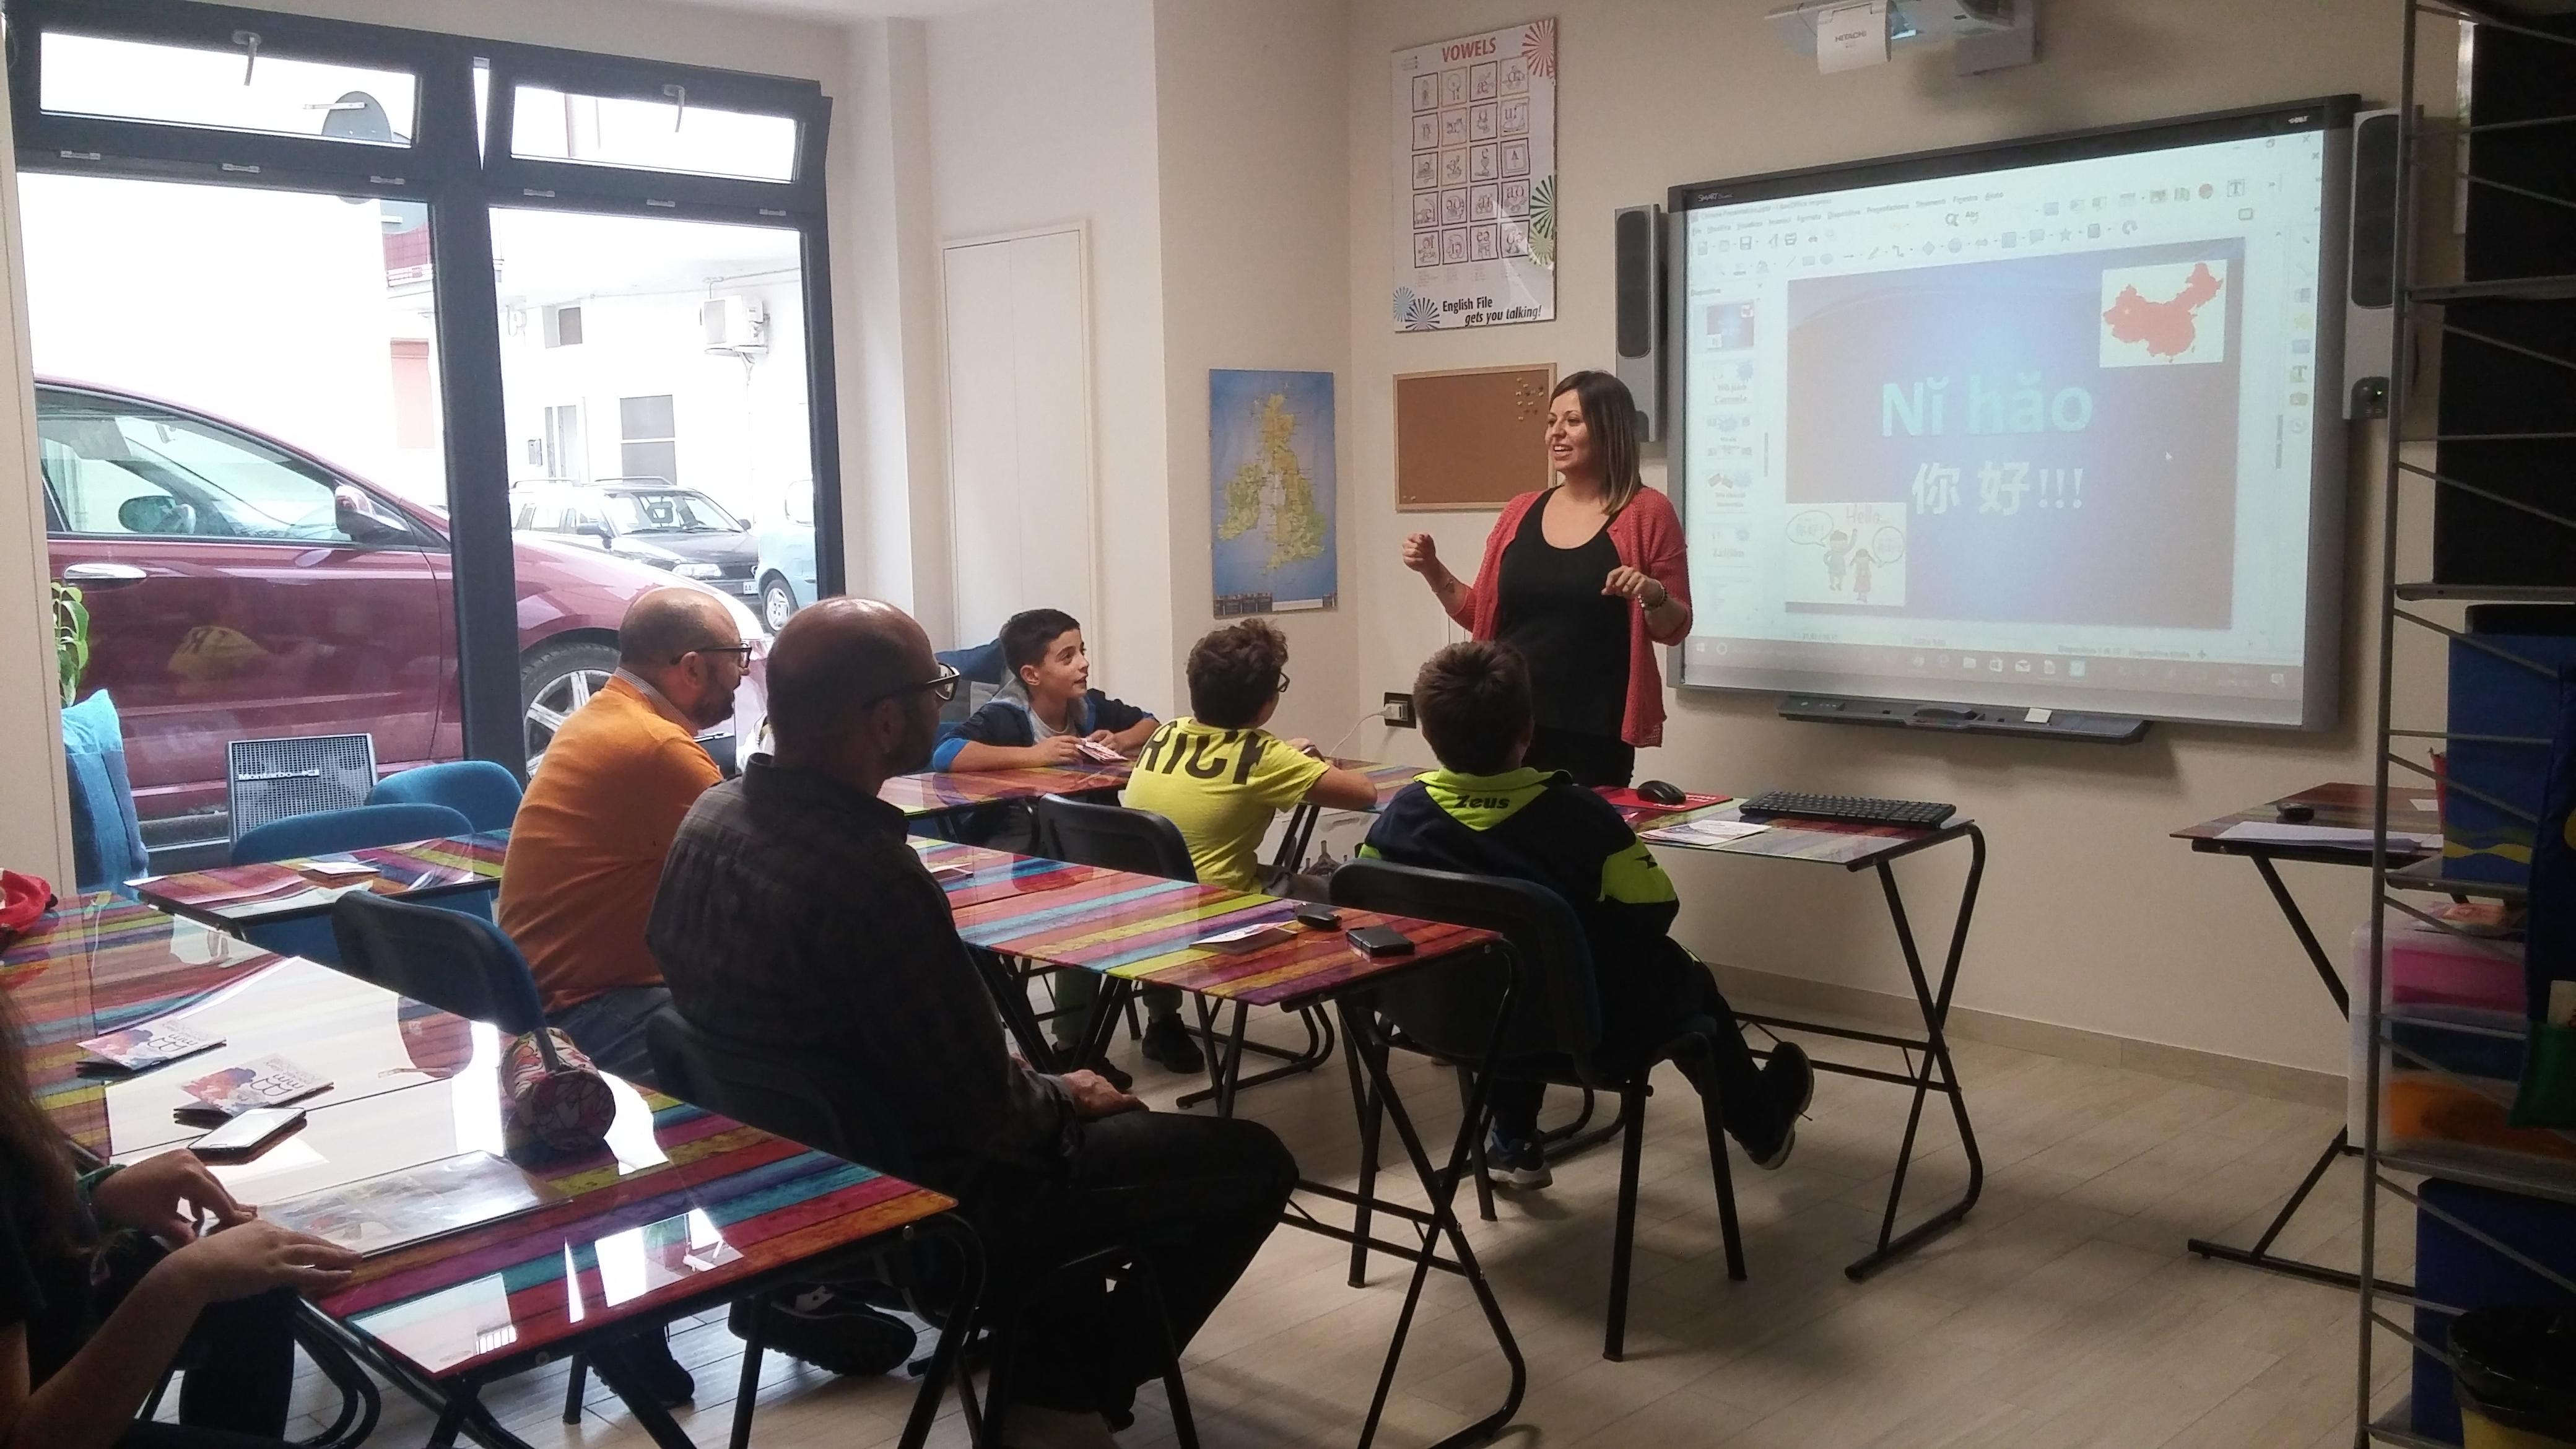 Corsi di formazione in aula per adulti, ragazzi e bambini